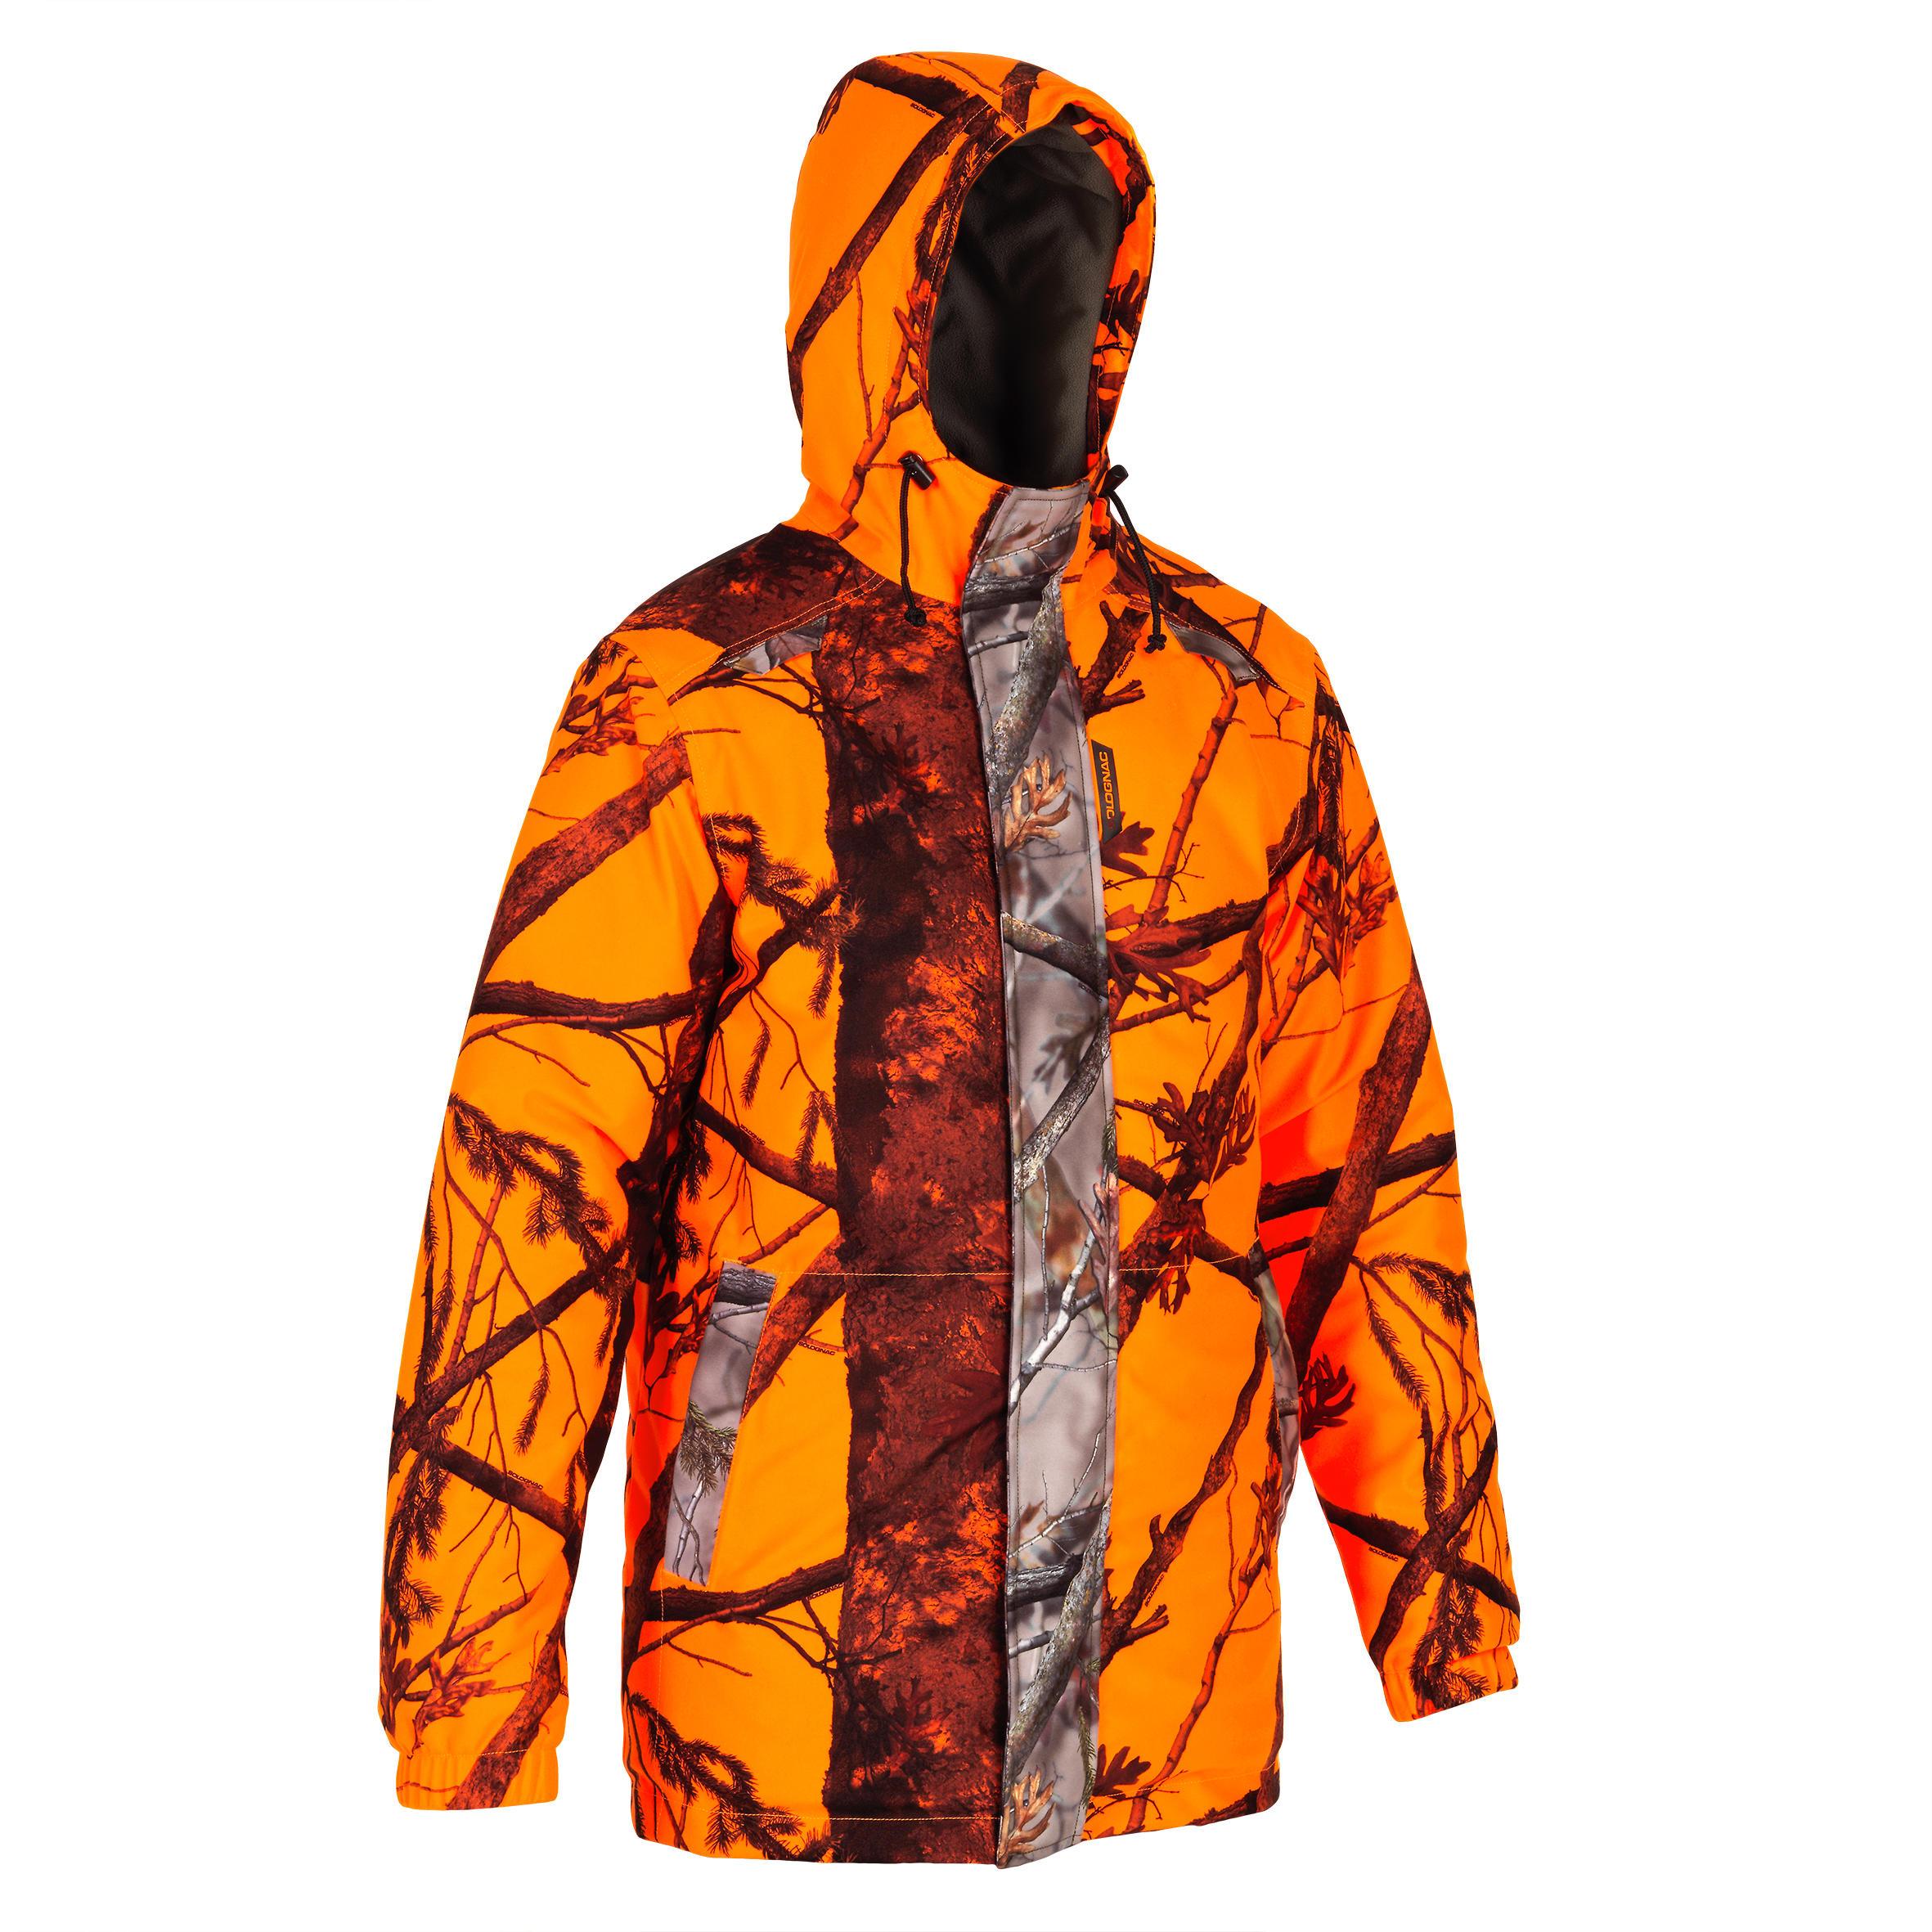 Regenjacke warm 100 camouflage orange | Sportbekleidung > Sportjacken > Regenjacken | Solognac